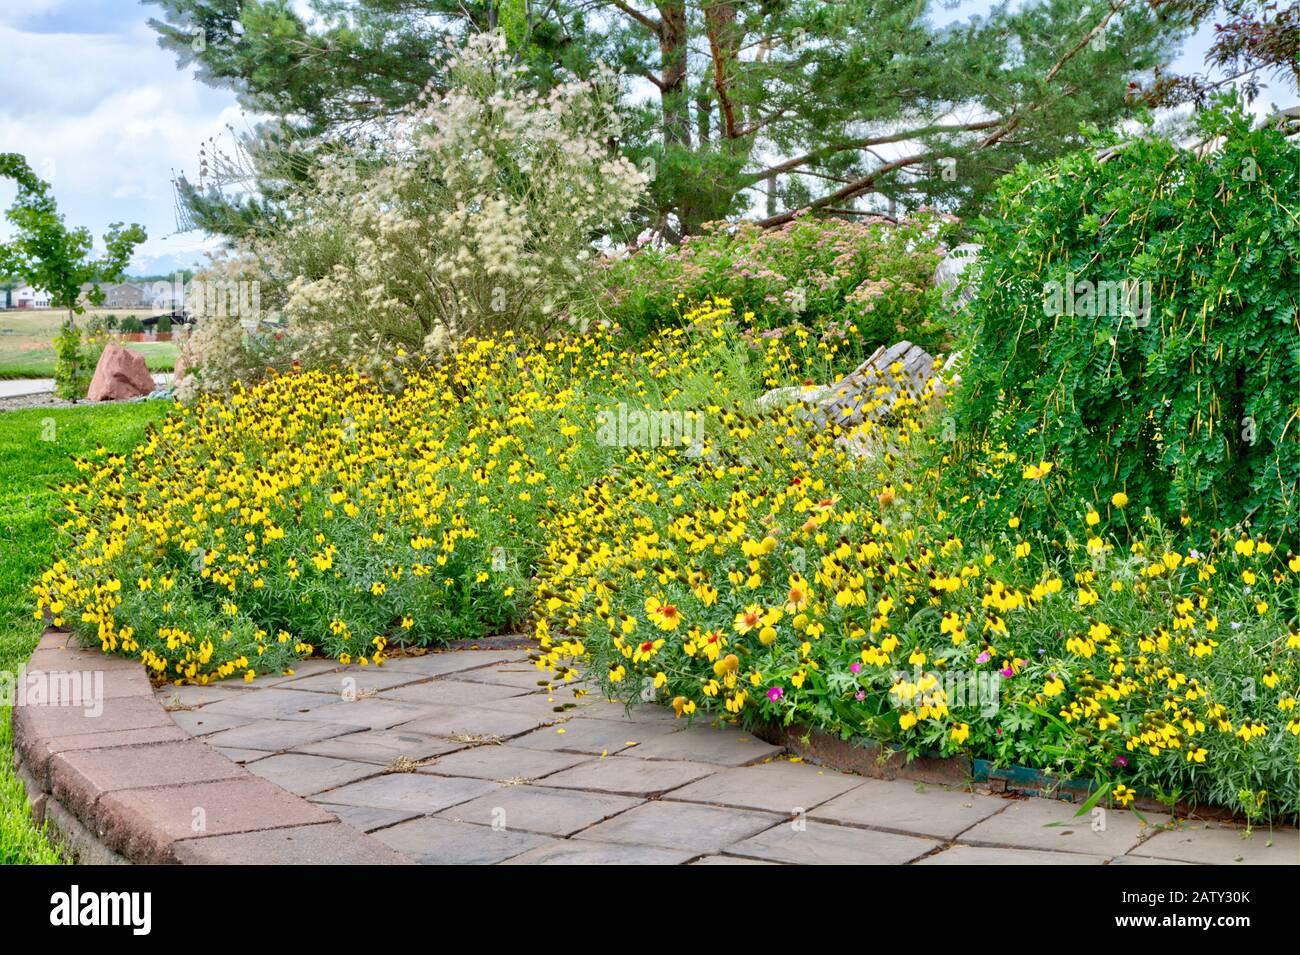 Prairie Yellow o Mexican Hat Coneflower se ha reseded en un grueso parche de flores llamativas a principios del verano. Foto de stock